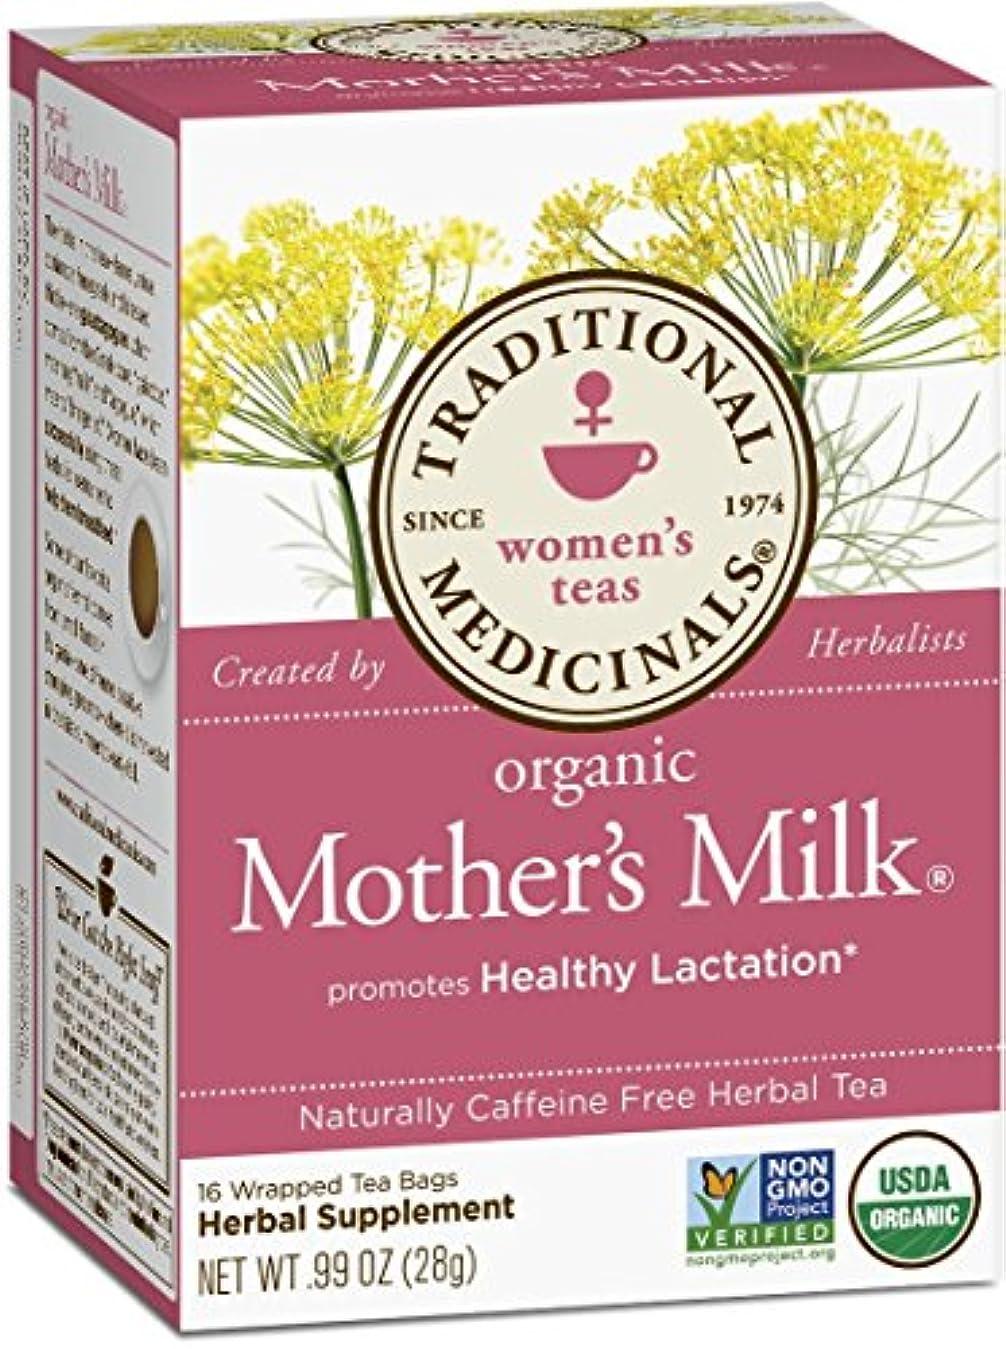 配分ソーセージ現実には母乳→アメリカでベストセラー準備グッズ海外直送品?並行輸入品 (母乳中のママへ マザーズミルクティー16パック×6箱 (Milk thistle))